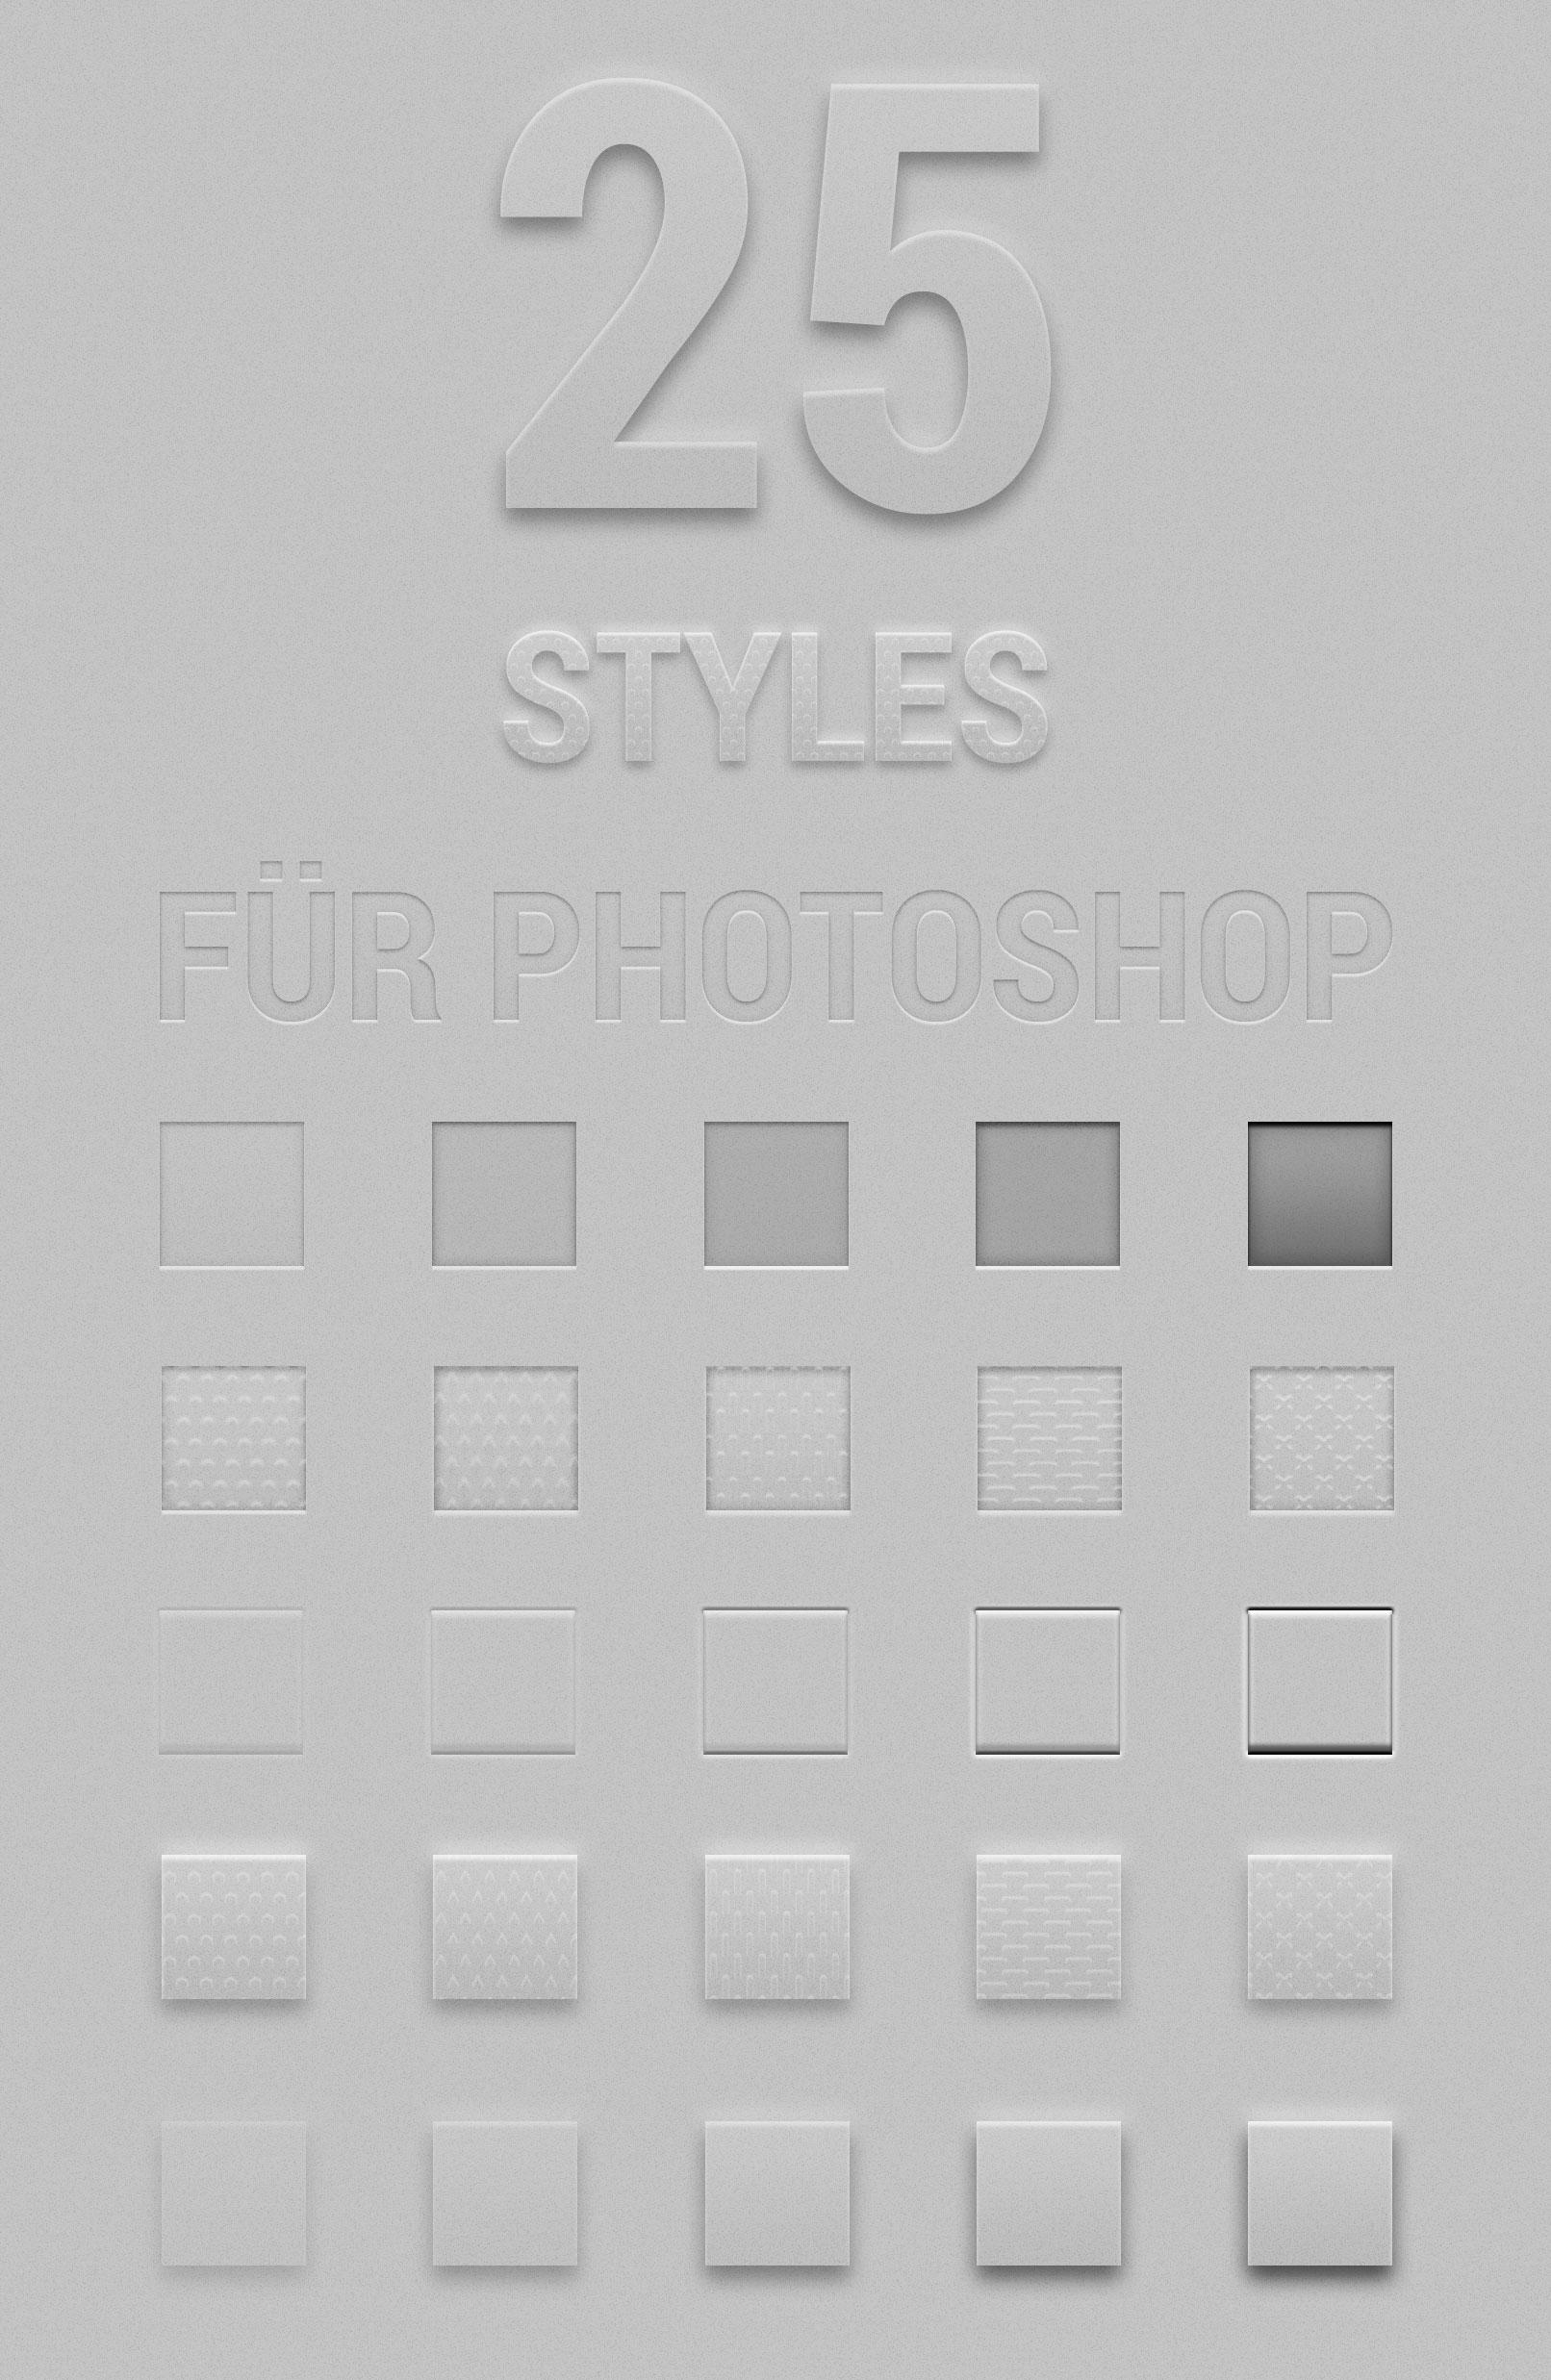 Photoshop-Stile für Transparenz, Relief, Prägung, für Texte und Grafiken